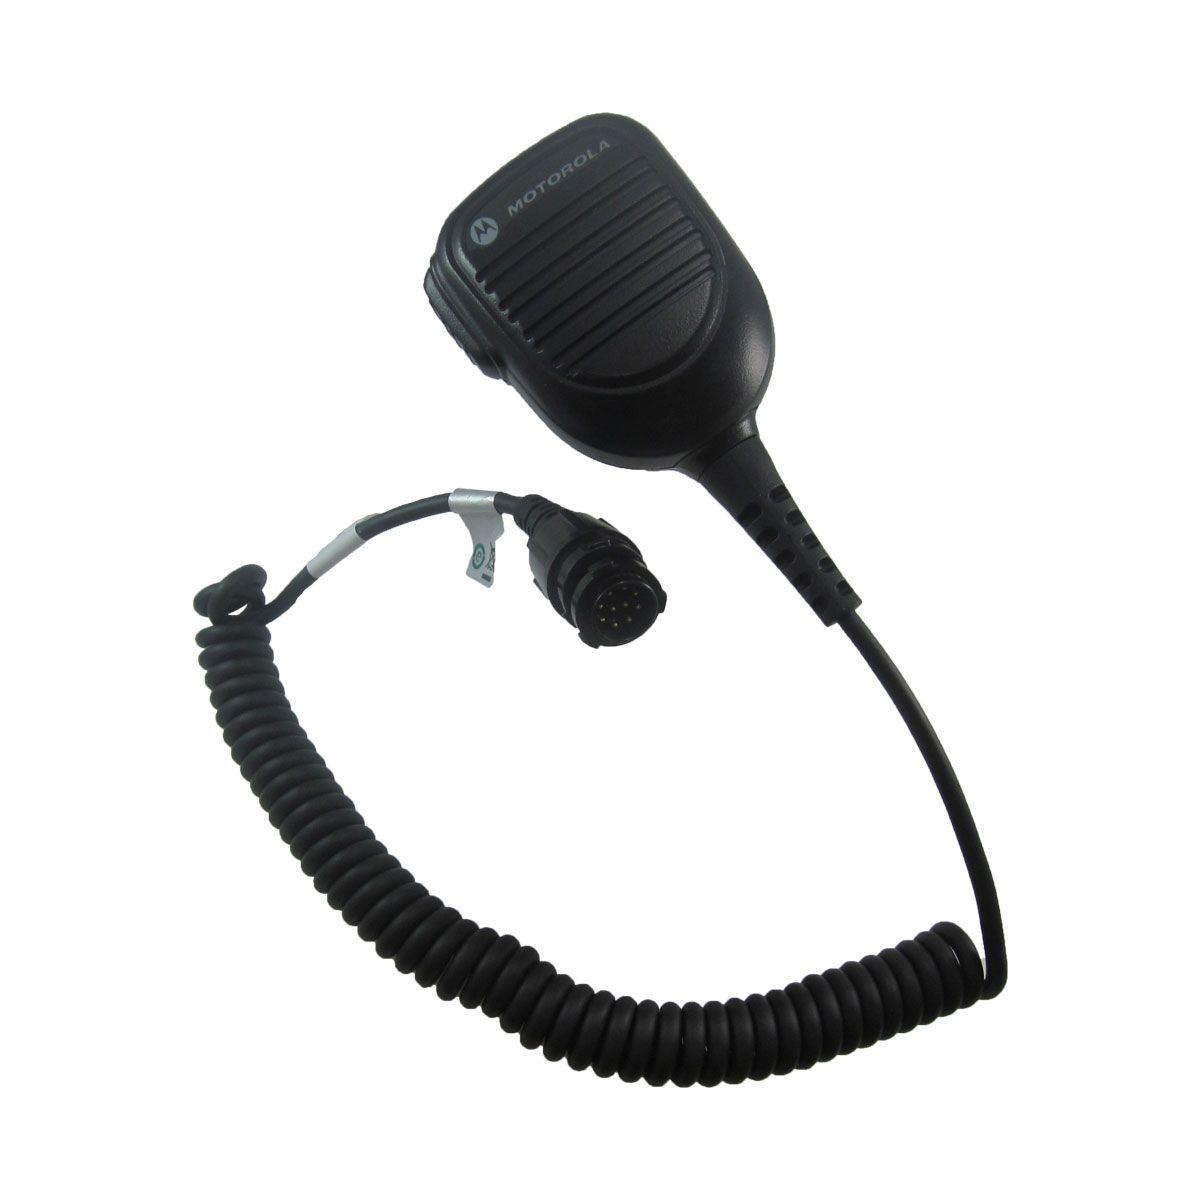 Micrófono Motorola RMN5052 para radio móvil